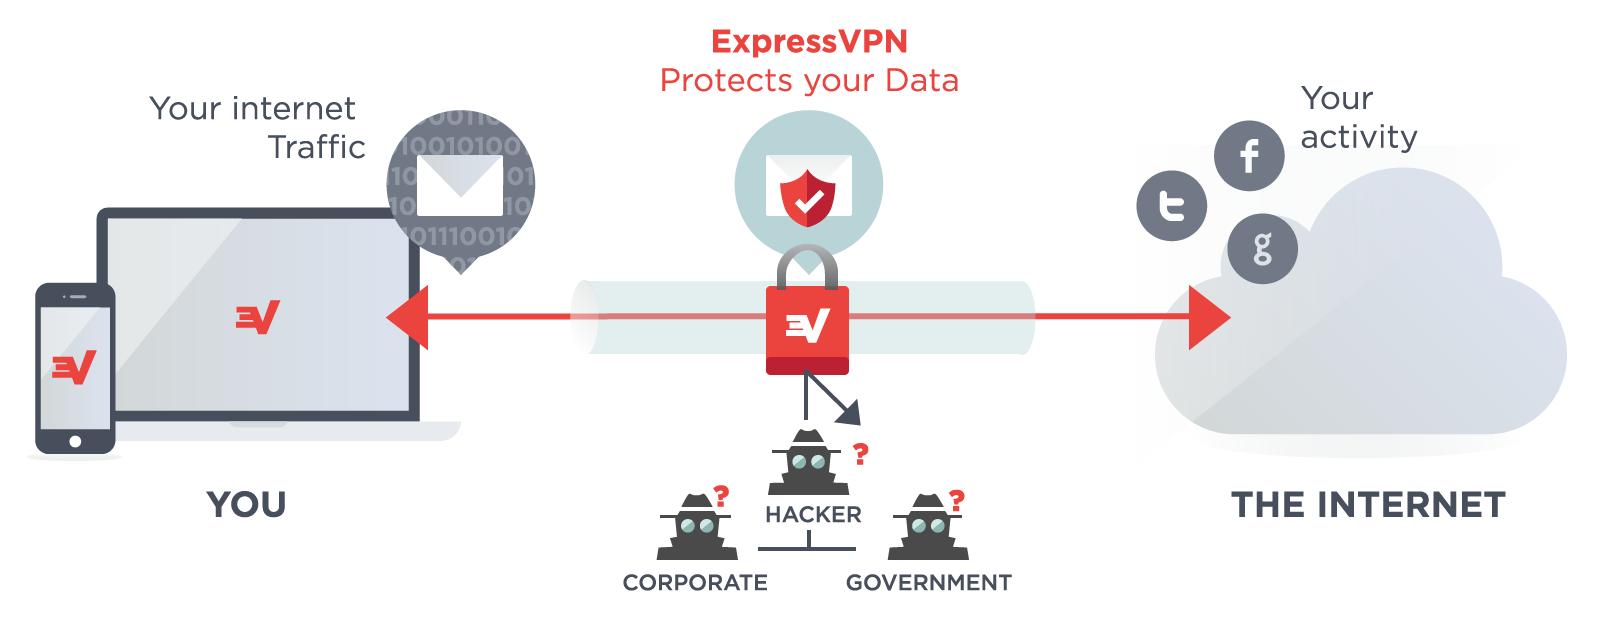 expressvpn-schema